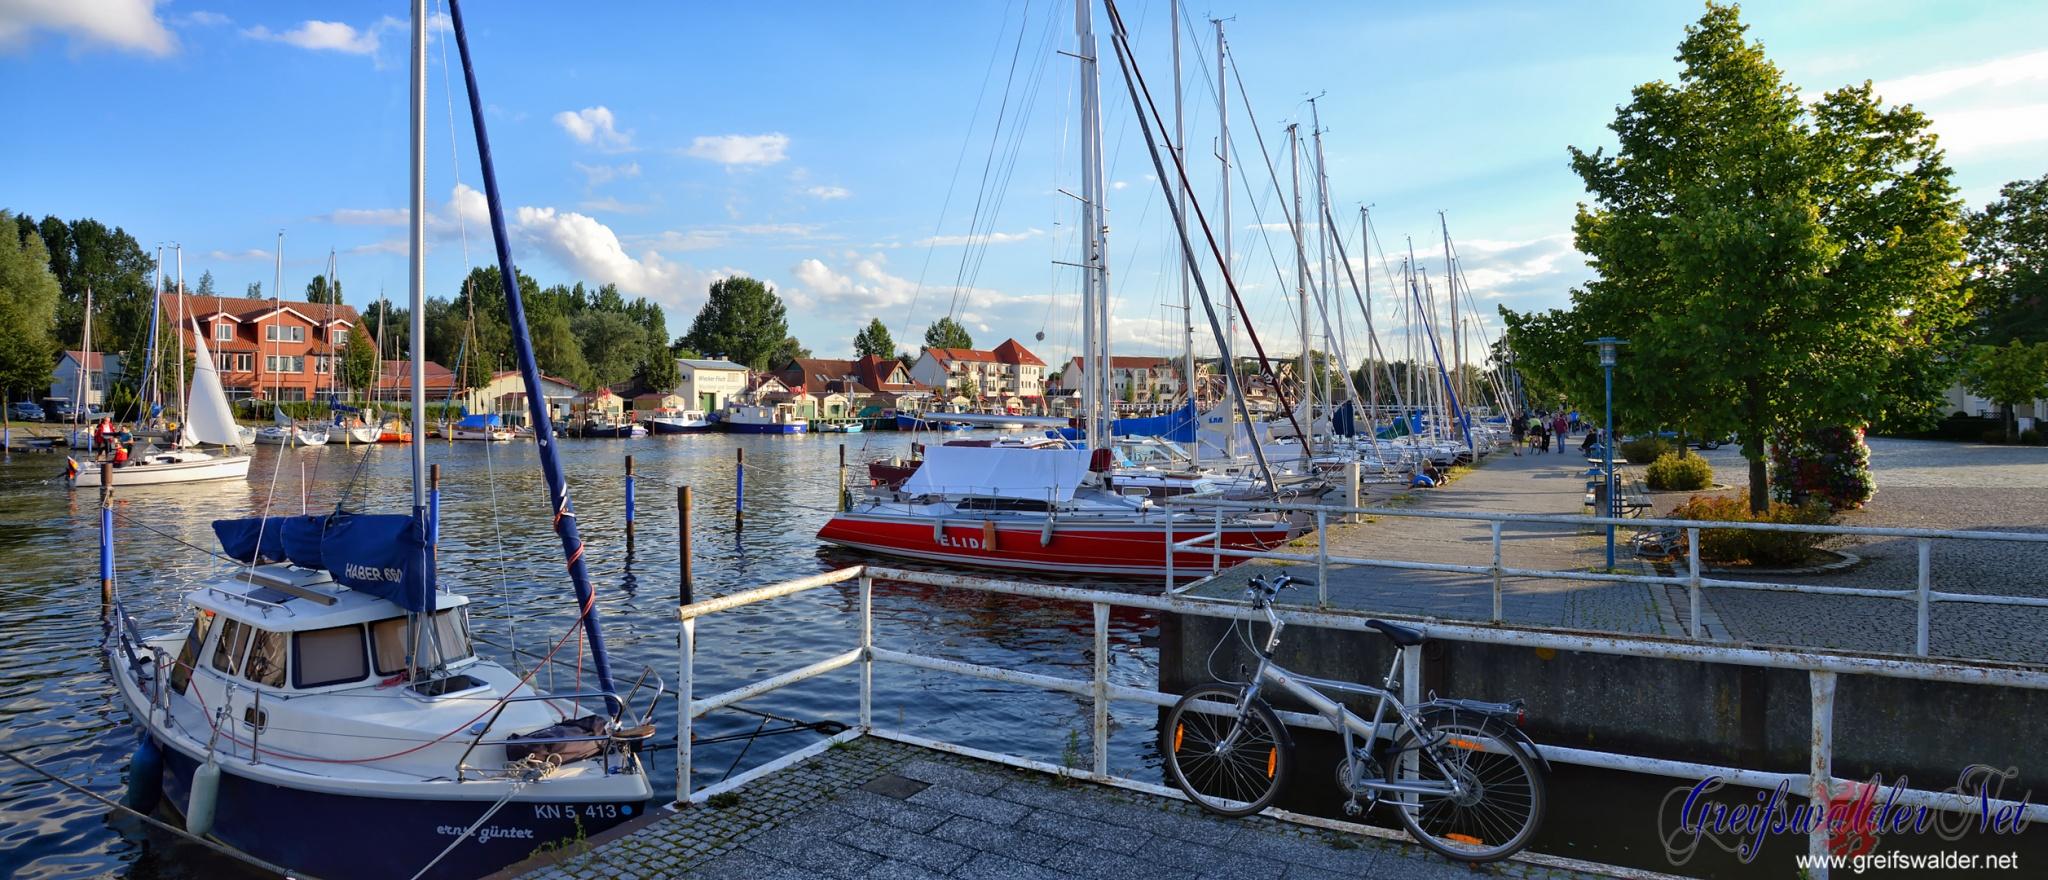 Abend in Greifswald-Wieck